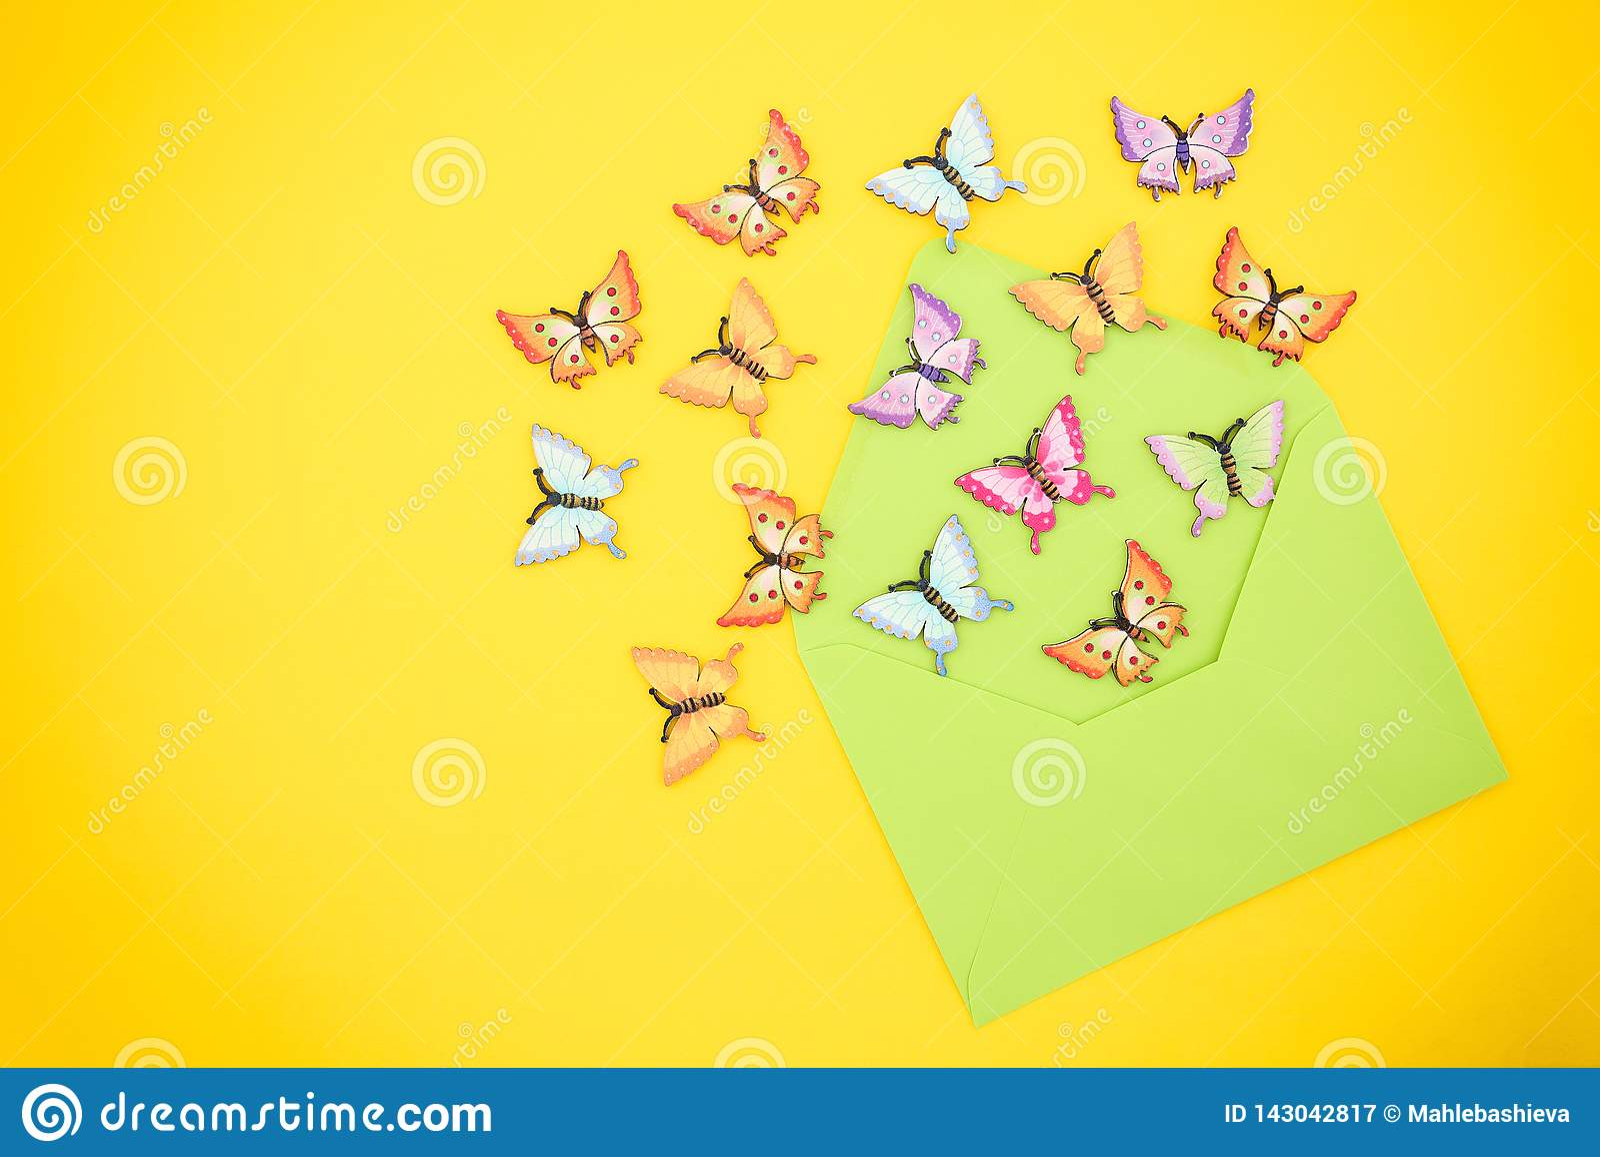 Τοπ άποψη των διακοσμητικών, πολύχρωμων πεταλούδων που βγαίνουν από έναν ανοικτό, πράσινο φάκελο από το ανακυκλωμένο έγγραφο για